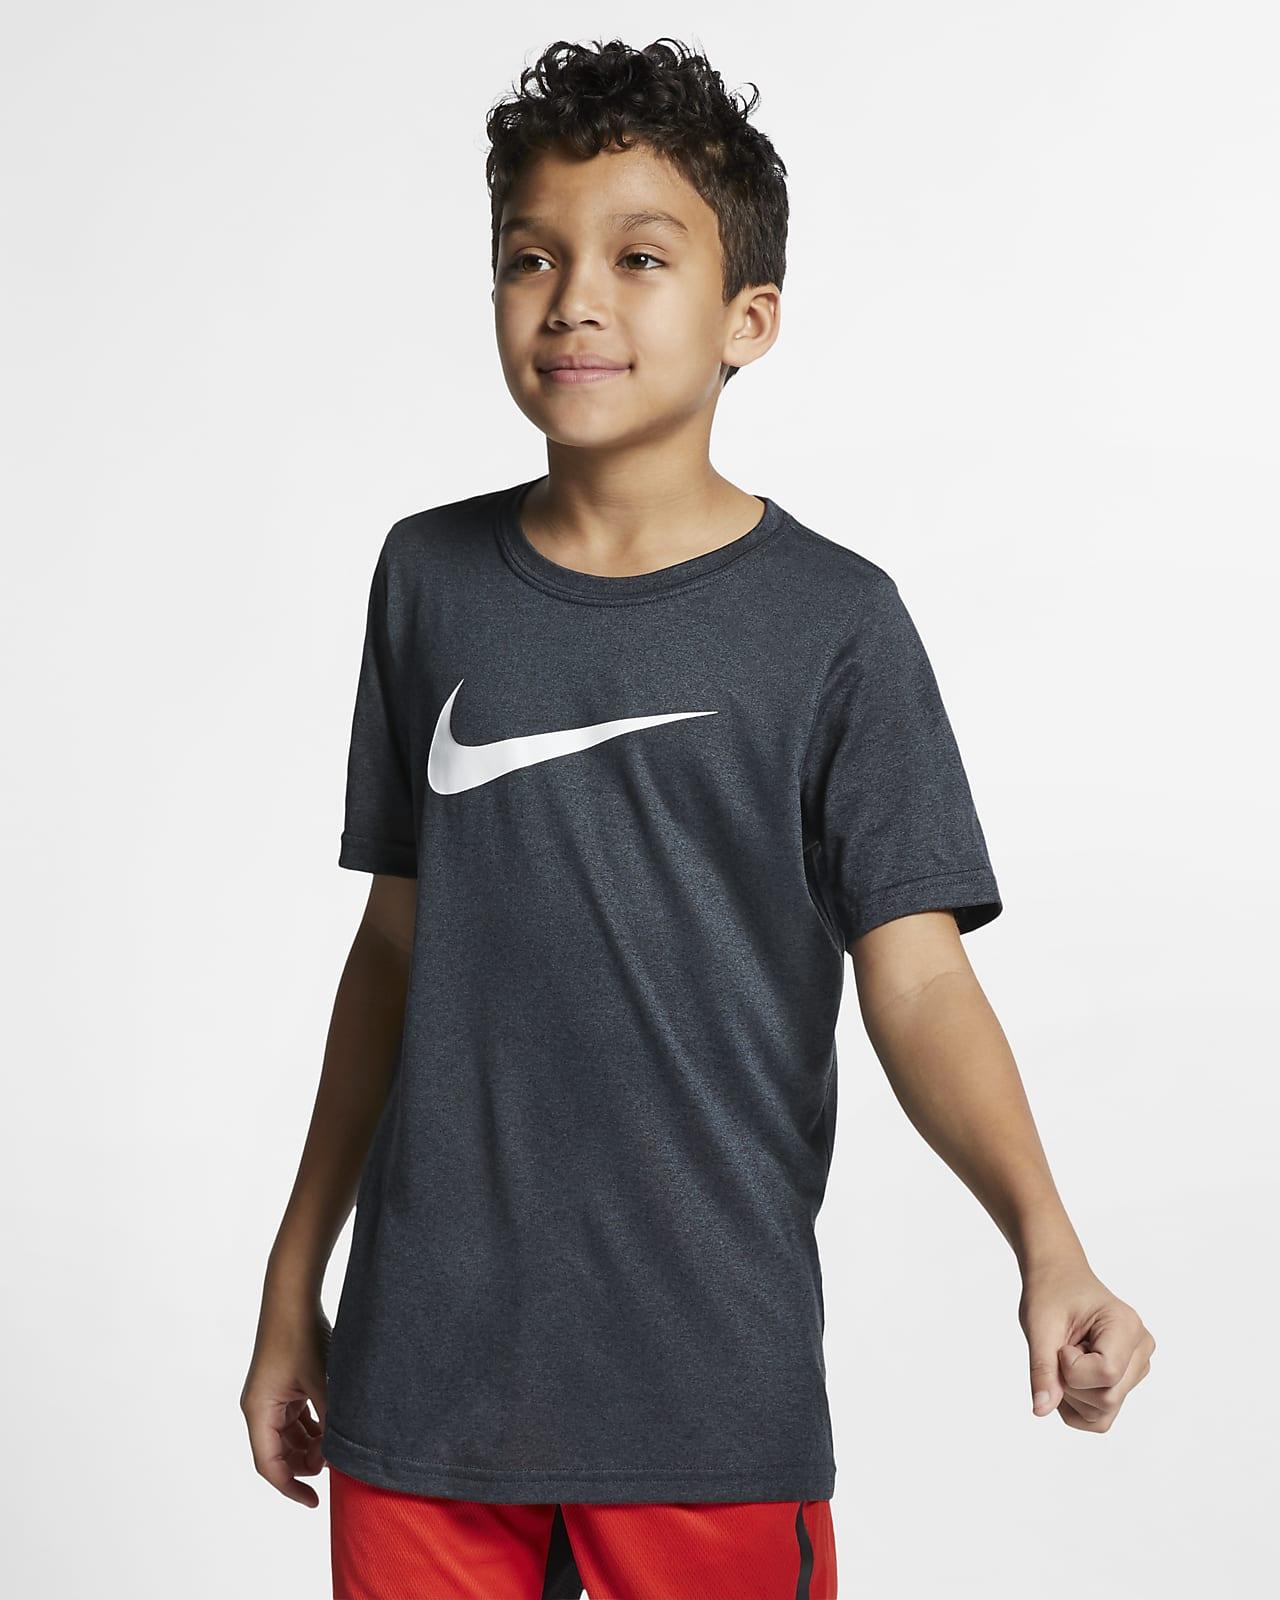 Nike Dri-FIT Big Kids' Swoosh Training T-Shirt